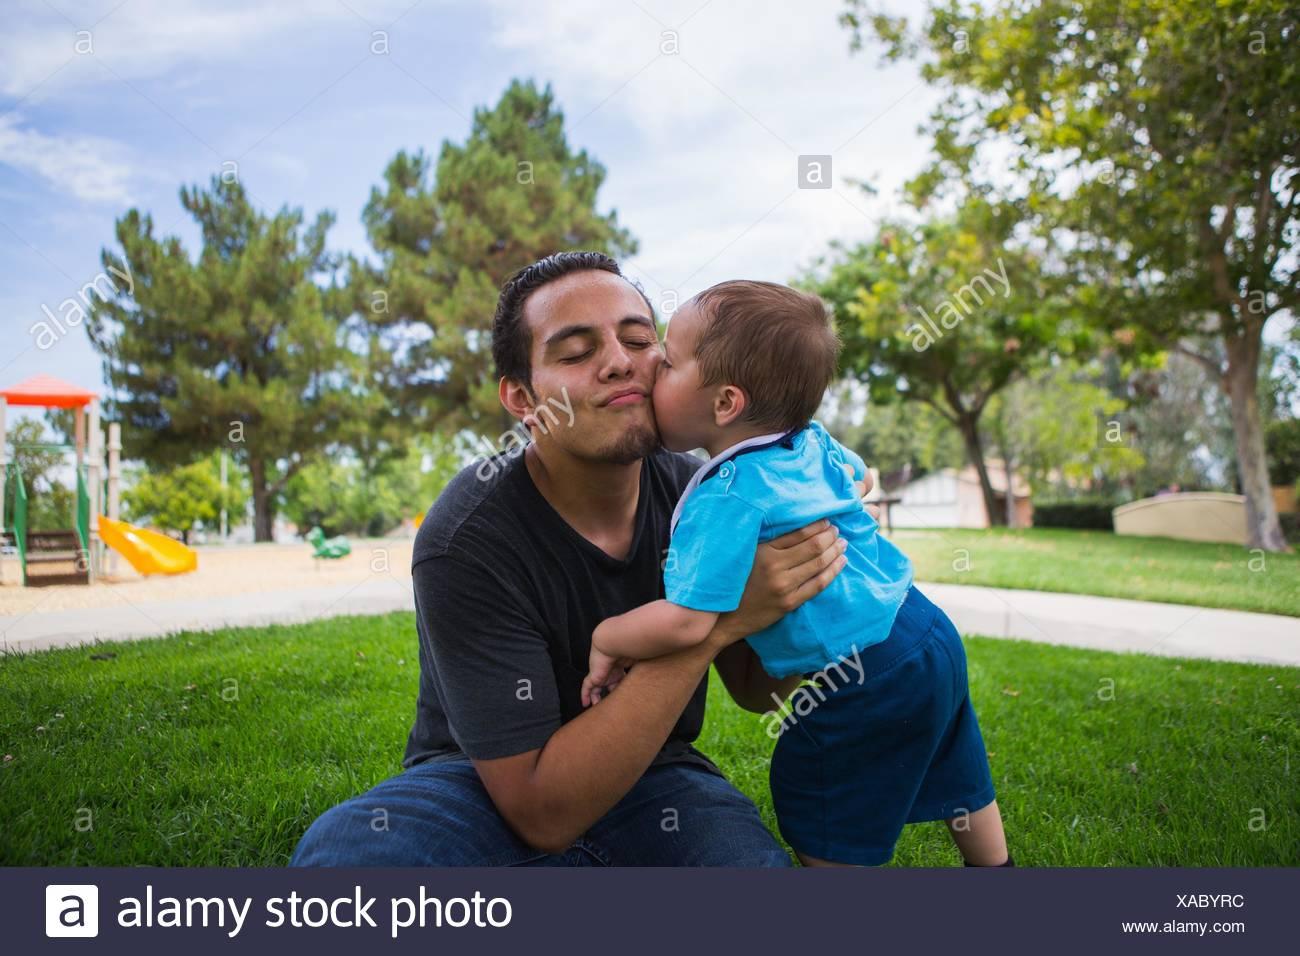 Tout-petits mâles adultes âgés baisers frère dans park Photo Stock